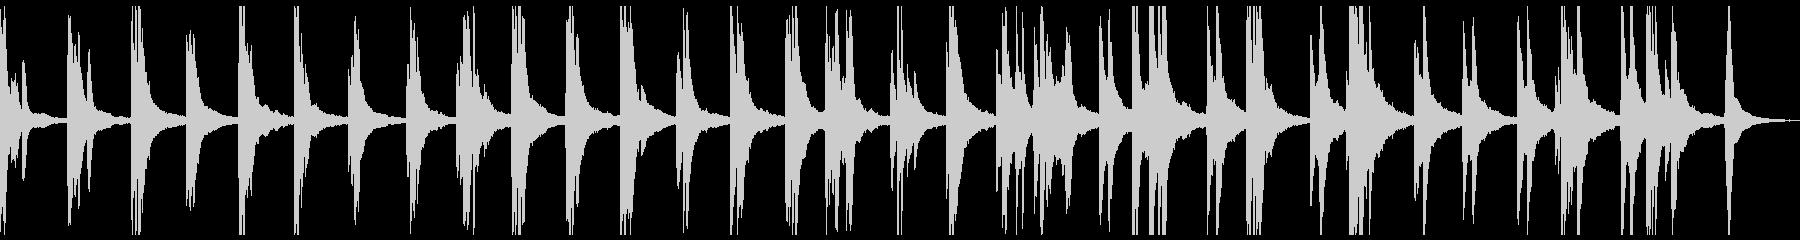 物悲しいソロピアノ曲 情緒的、切ないの未再生の波形